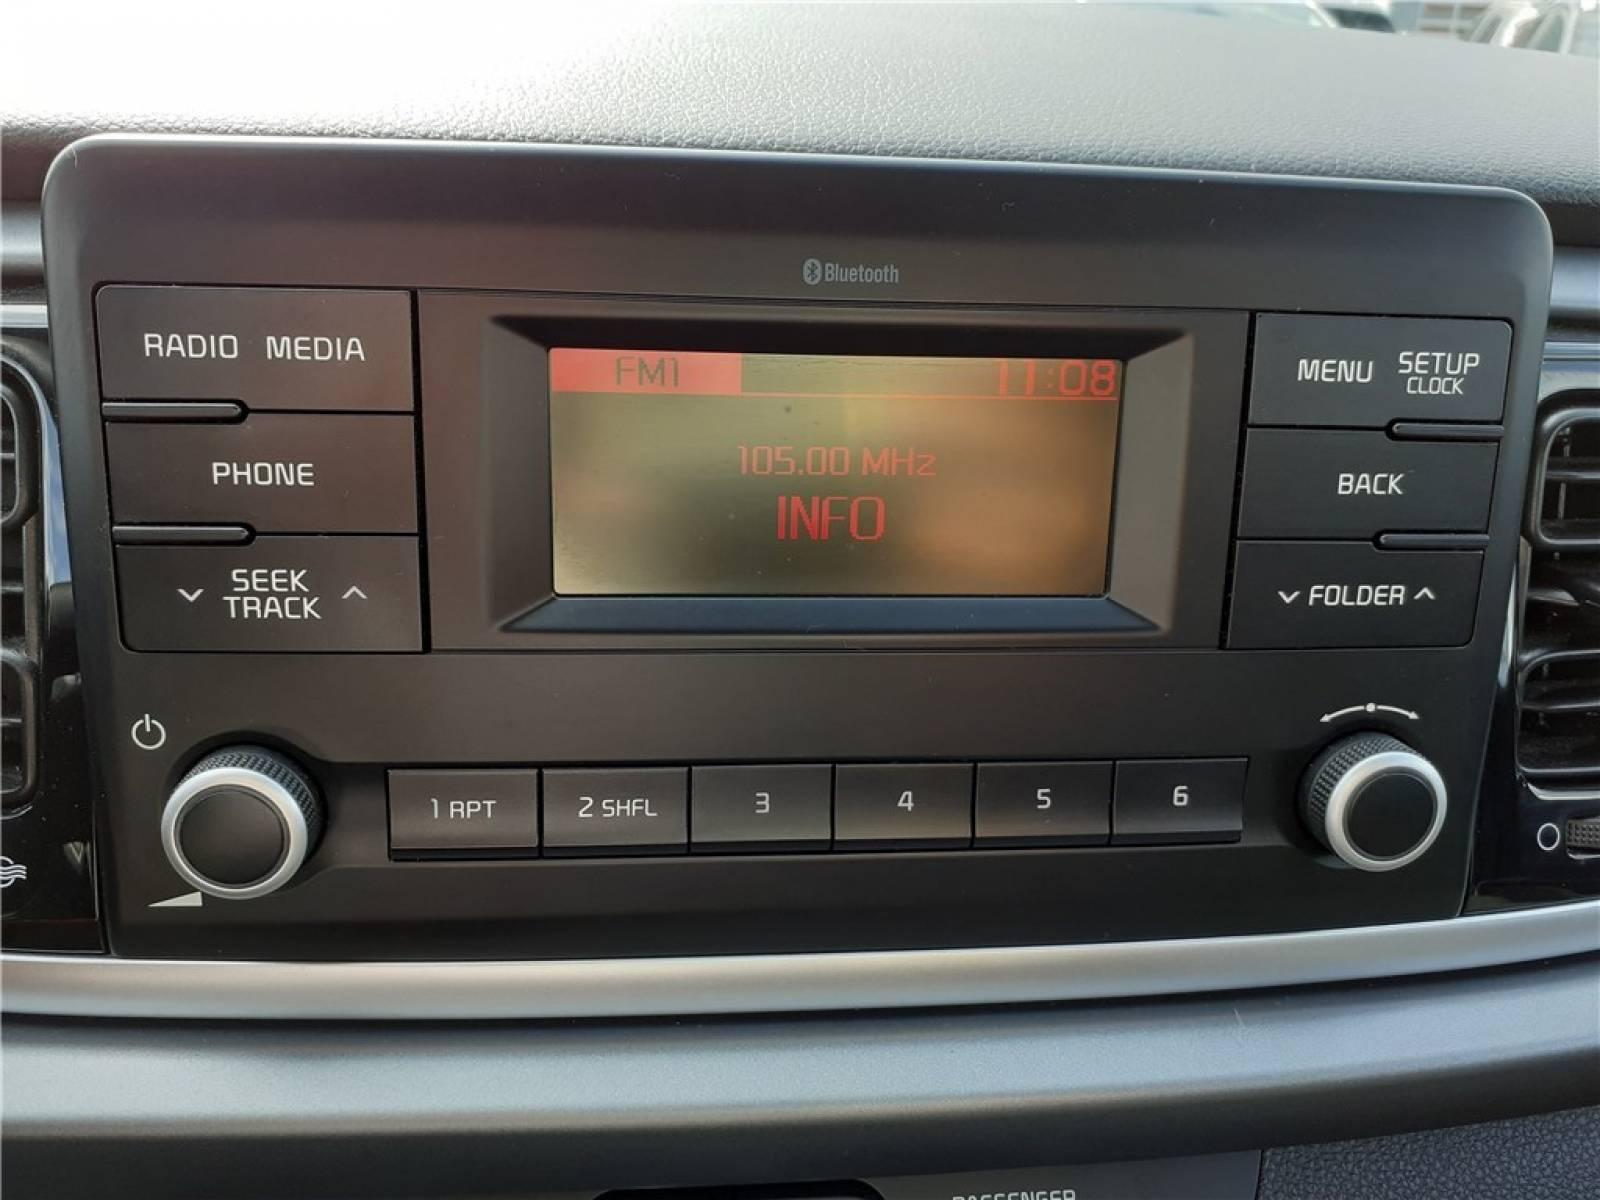 KIA Rio Business 1.2L 84 ch ISG - véhicule d'occasion - Groupe Guillet - Opel Magicauto - Montceau-les-Mines - 71300 - Montceau-les-Mines - 39